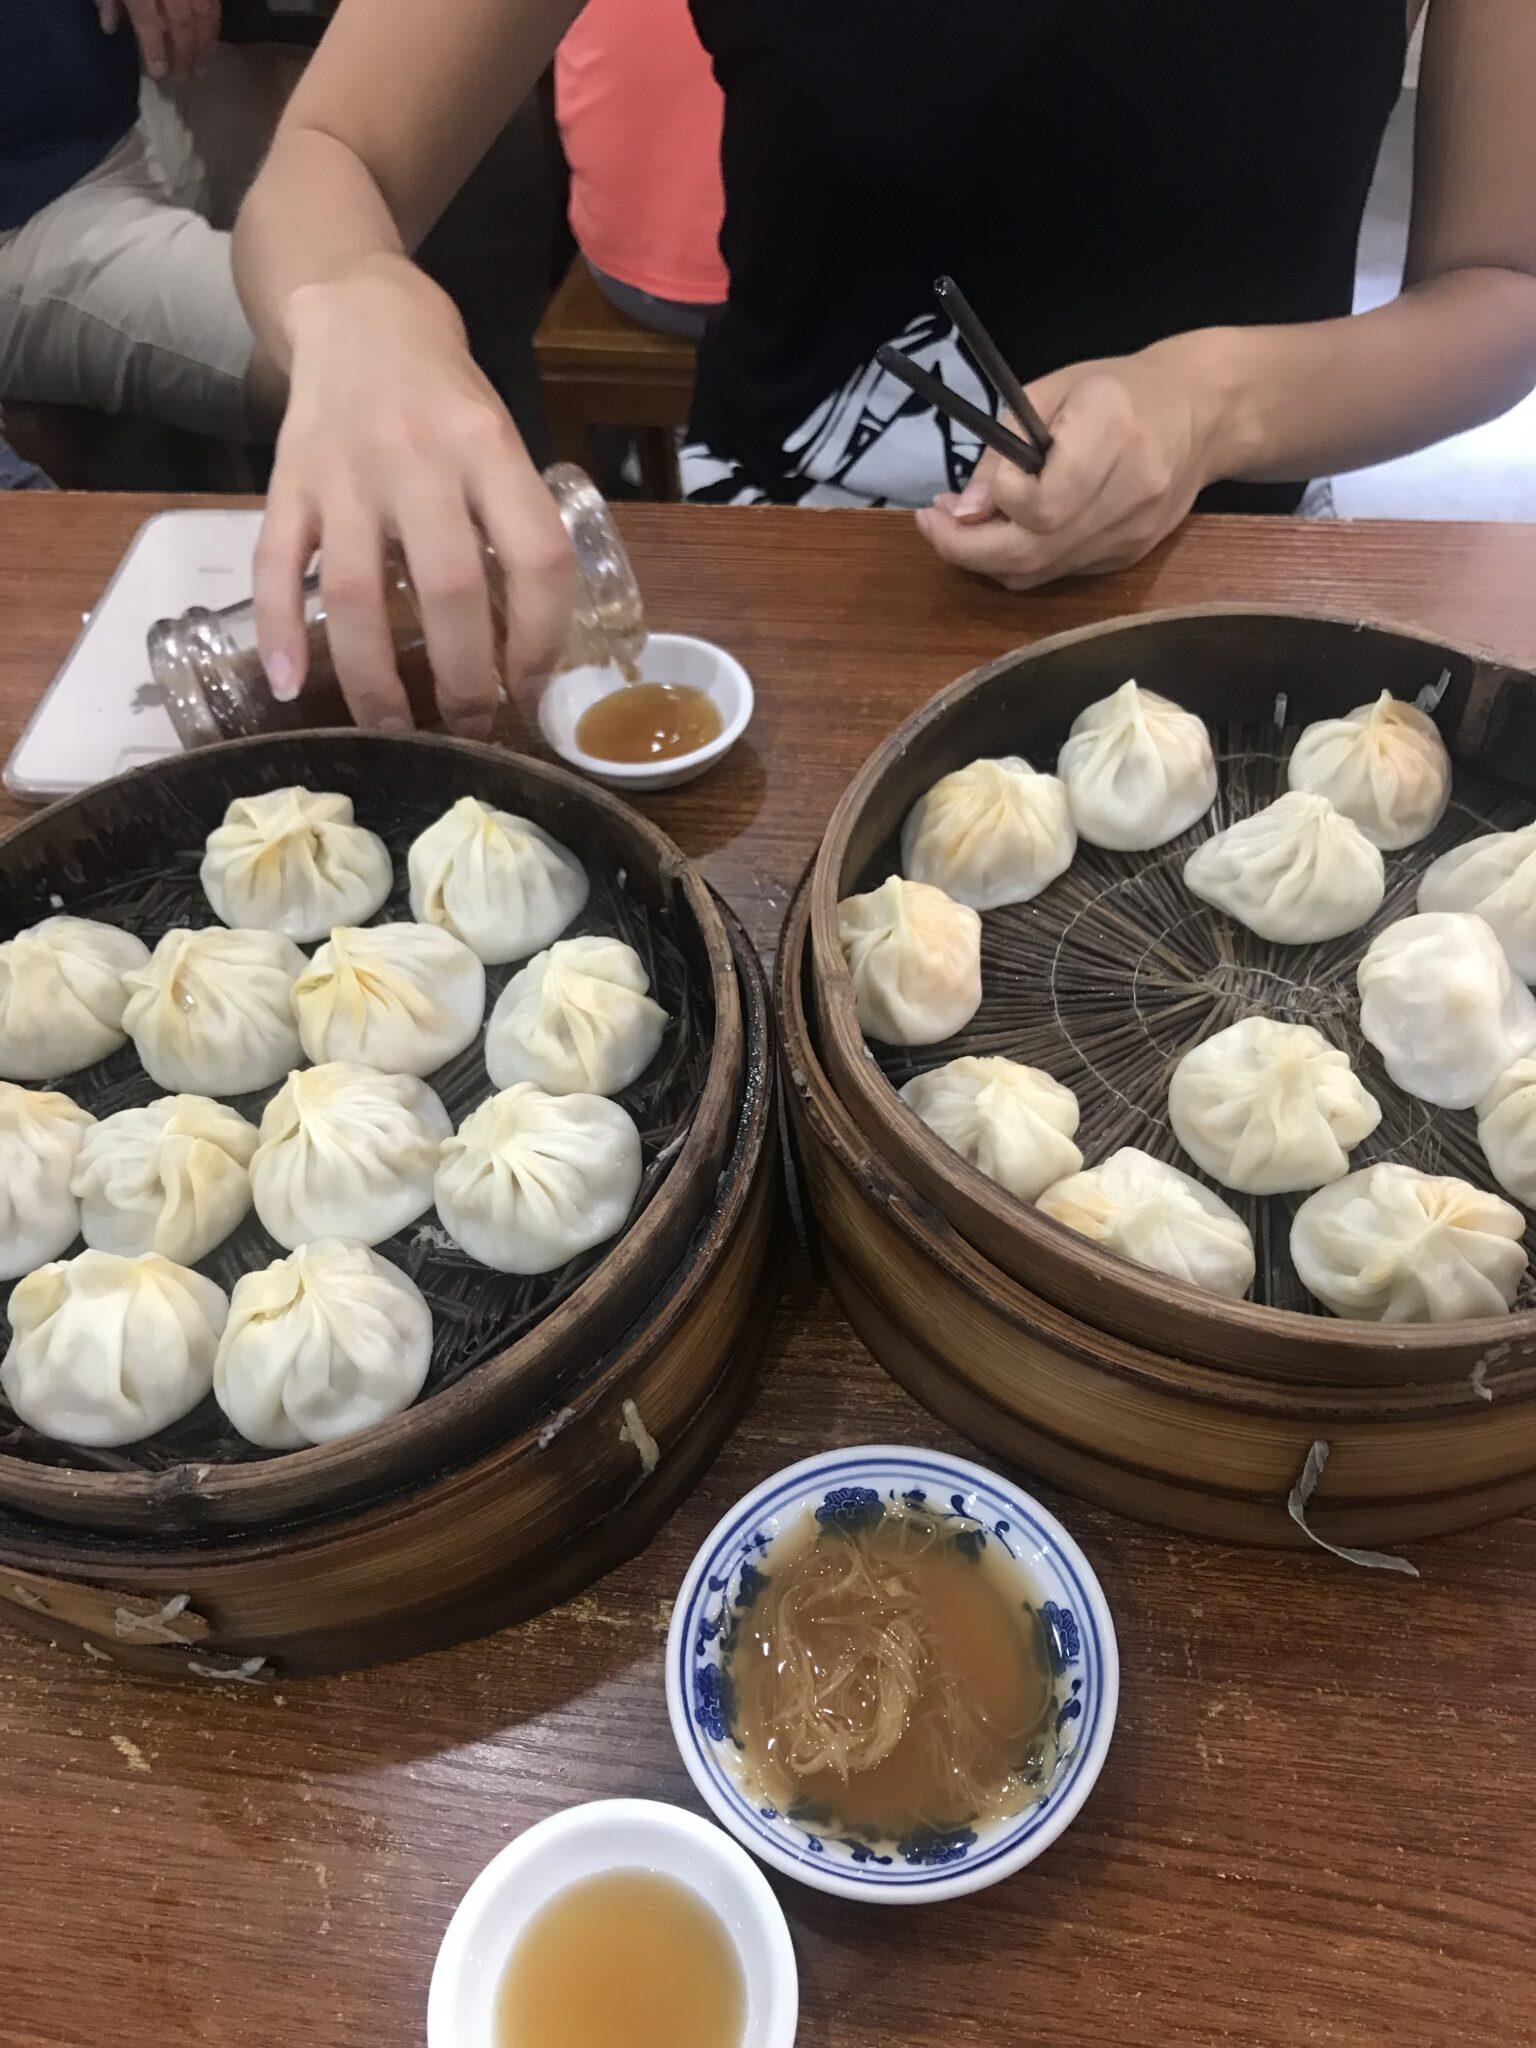 Xia long bao soup dumplings on wood table